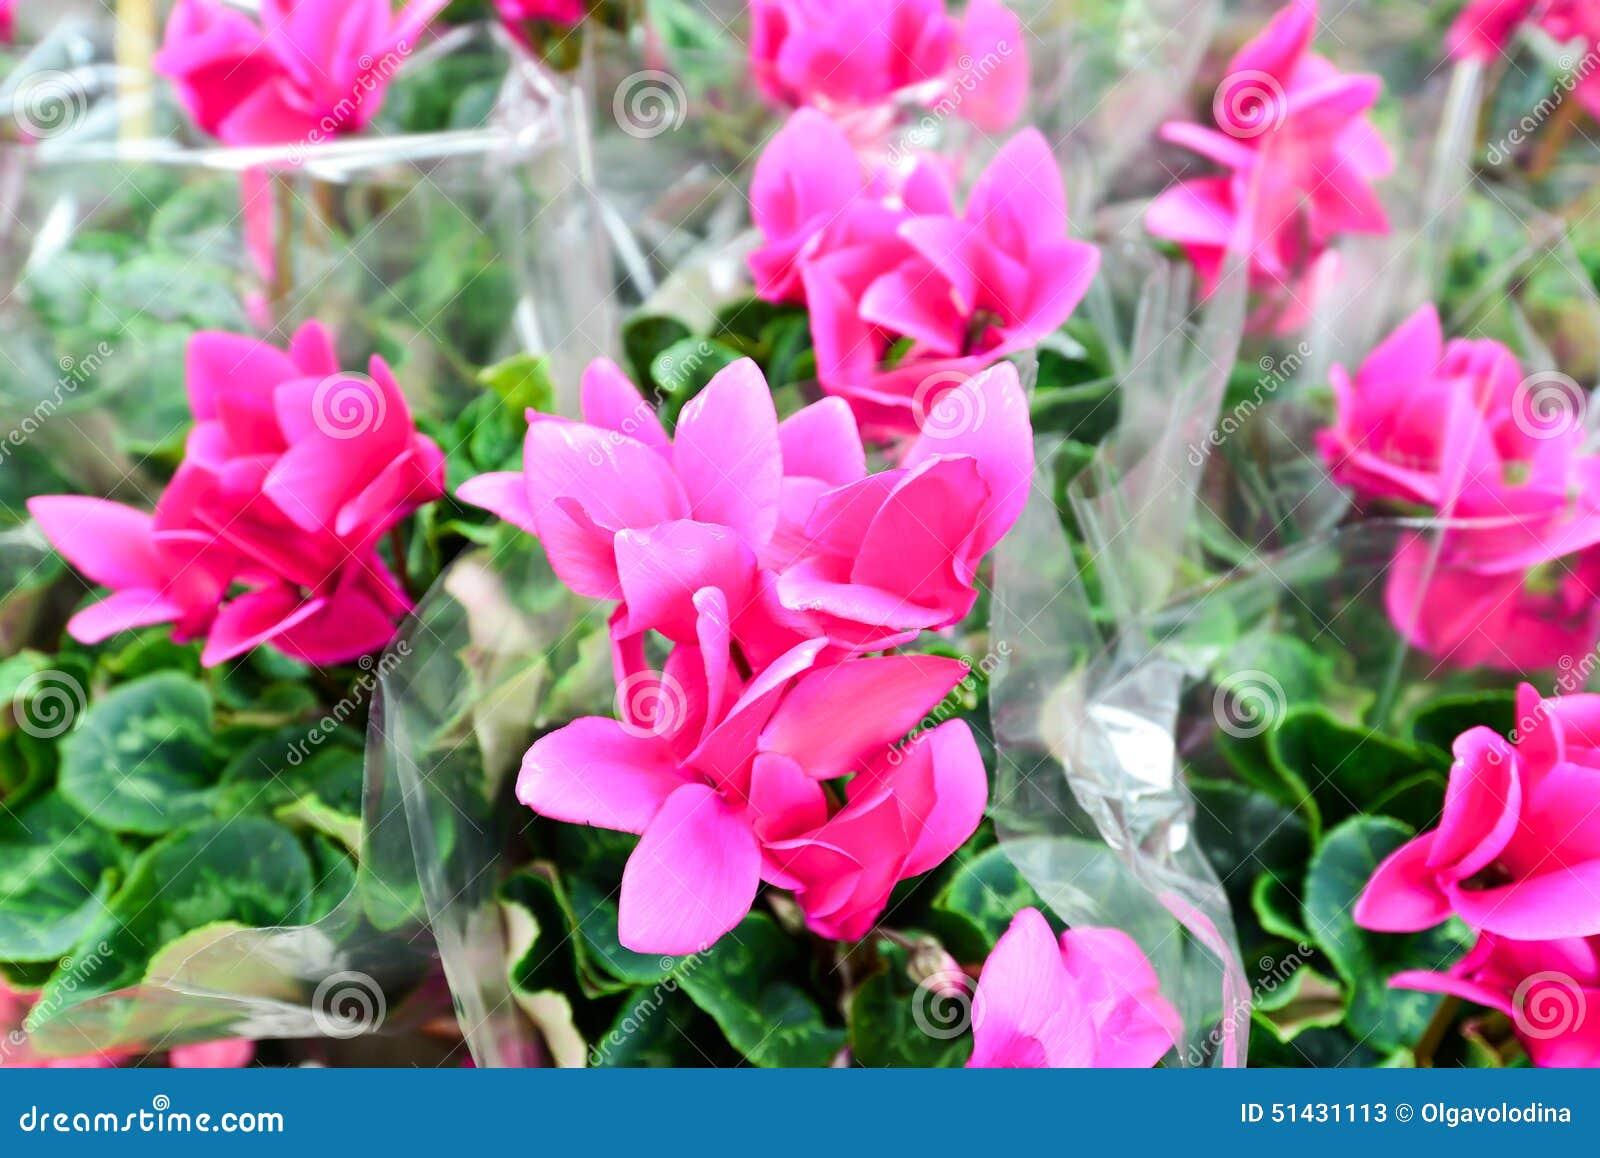 fermez vous des fleurs roses de cyclamen avec leurs feuilles ornementales cultiv es en tant que. Black Bedroom Furniture Sets. Home Design Ideas